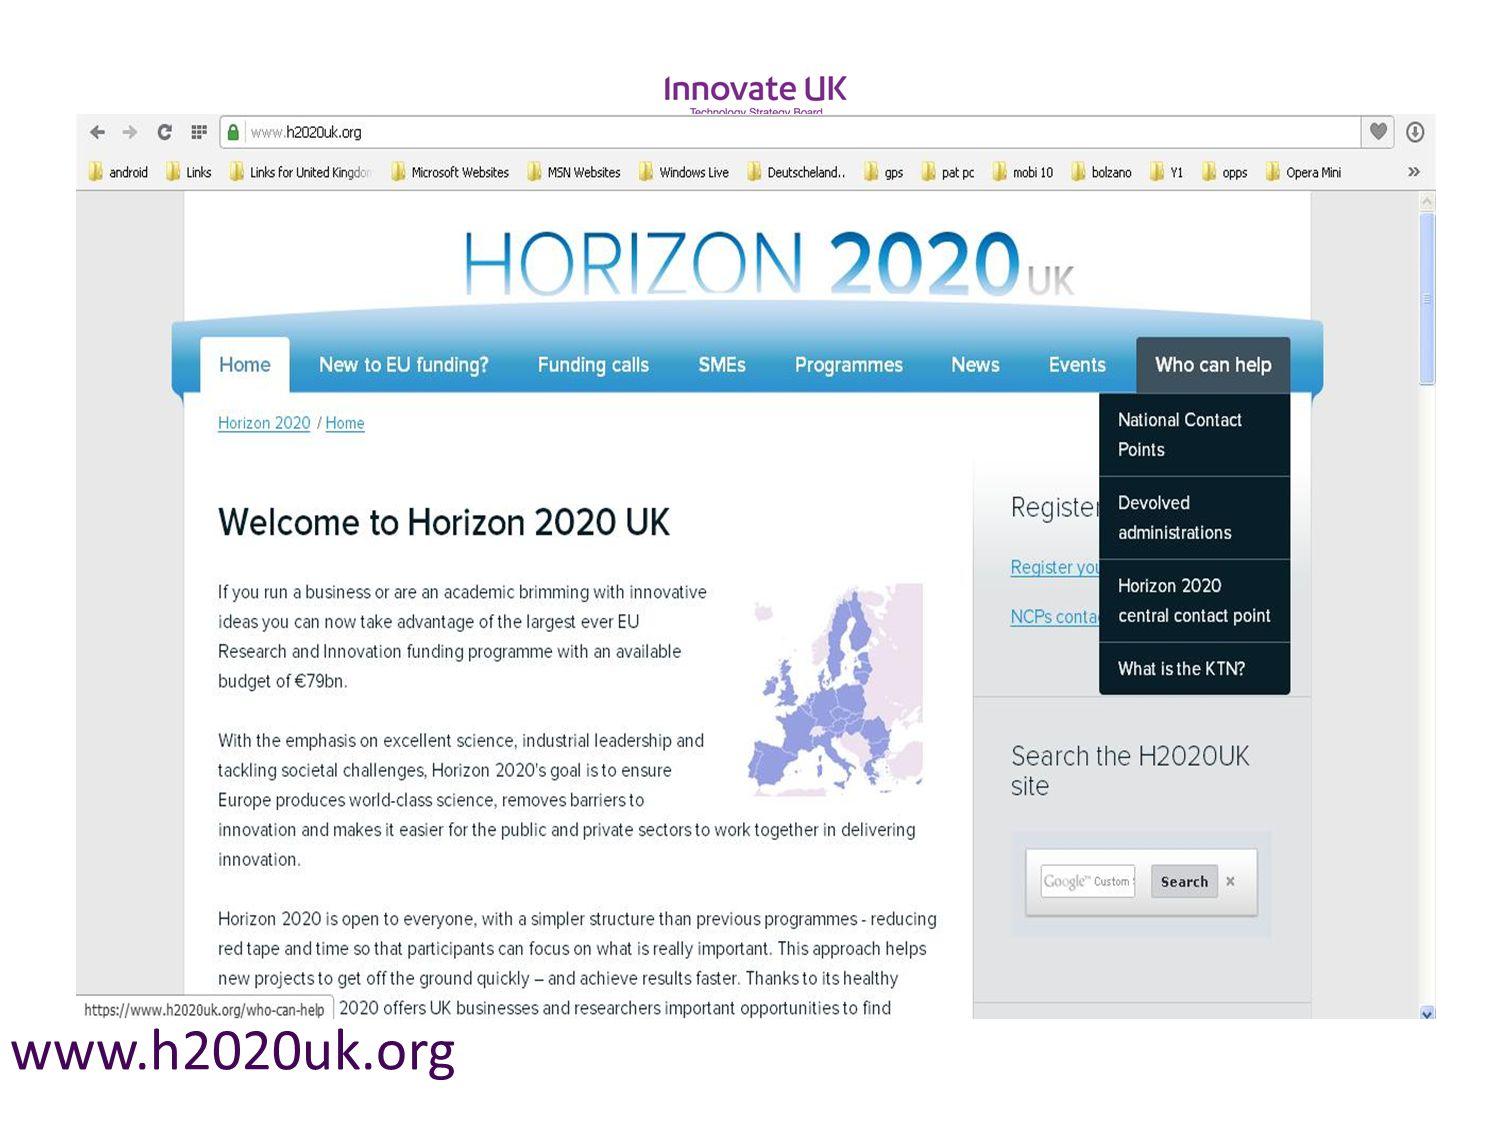 www.h2020uk.org